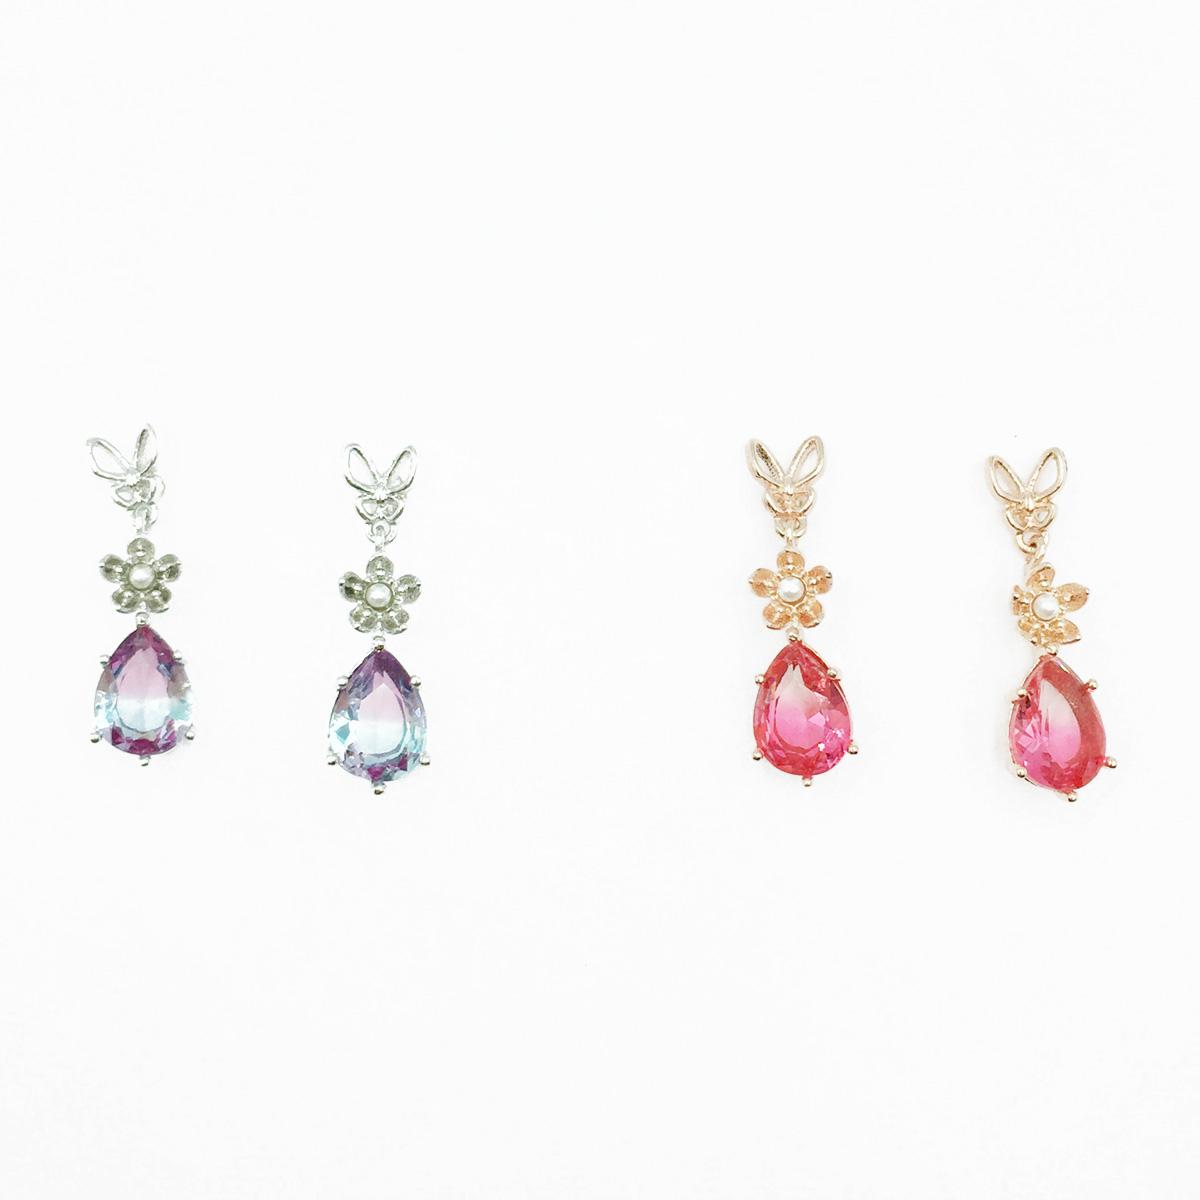 韓國 925純銀 簍空蝴蝶 小花 水滴 2色 垂墜感 耳針式耳環